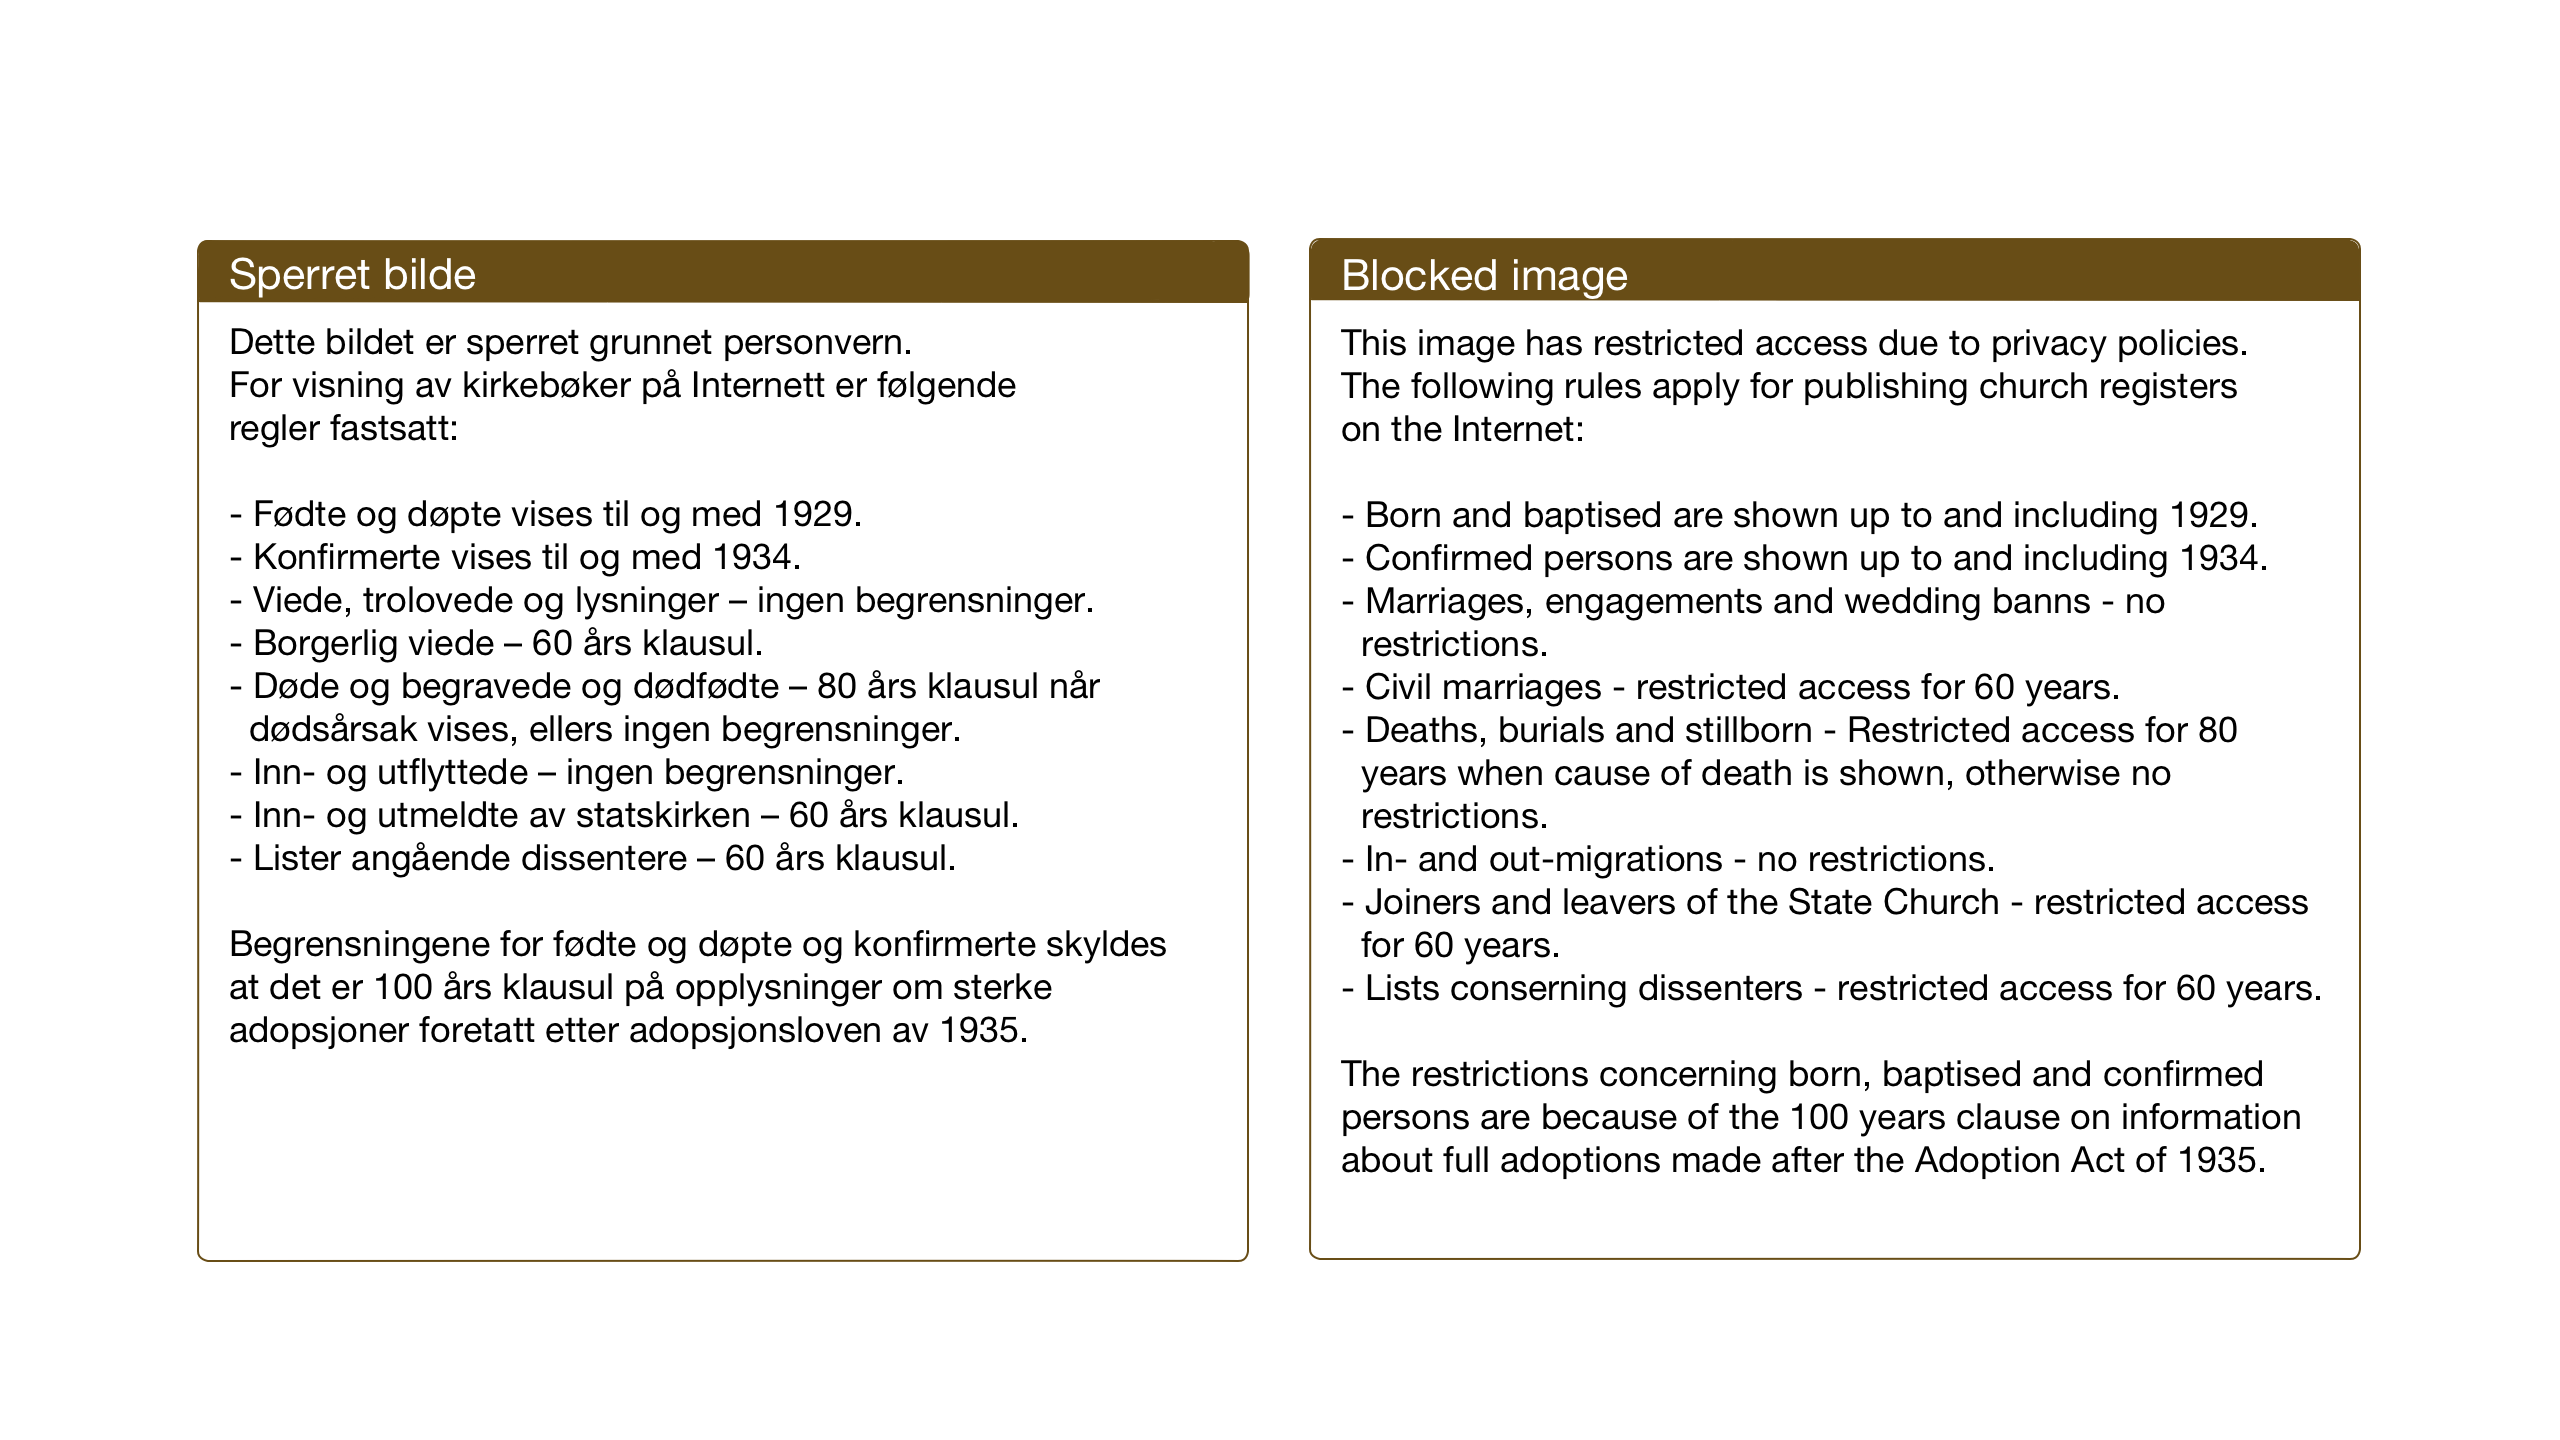 SAT, Ministerialprotokoller, klokkerbøker og fødselsregistre - Nord-Trøndelag, 755/L0500: Klokkerbok nr. 755C01, 1920-1962, s. 185